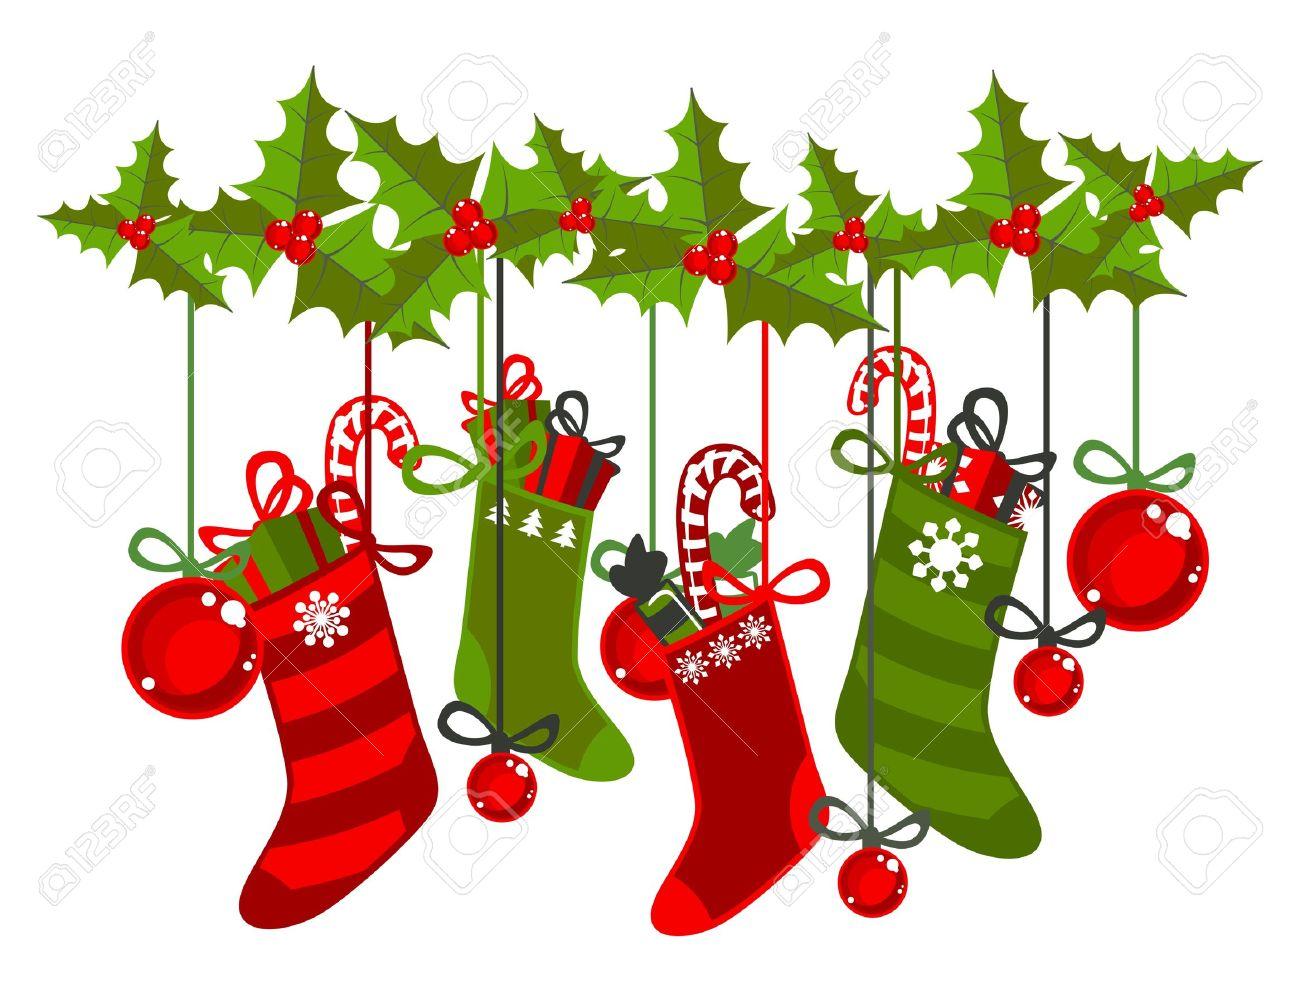 christmas socks - 6083064